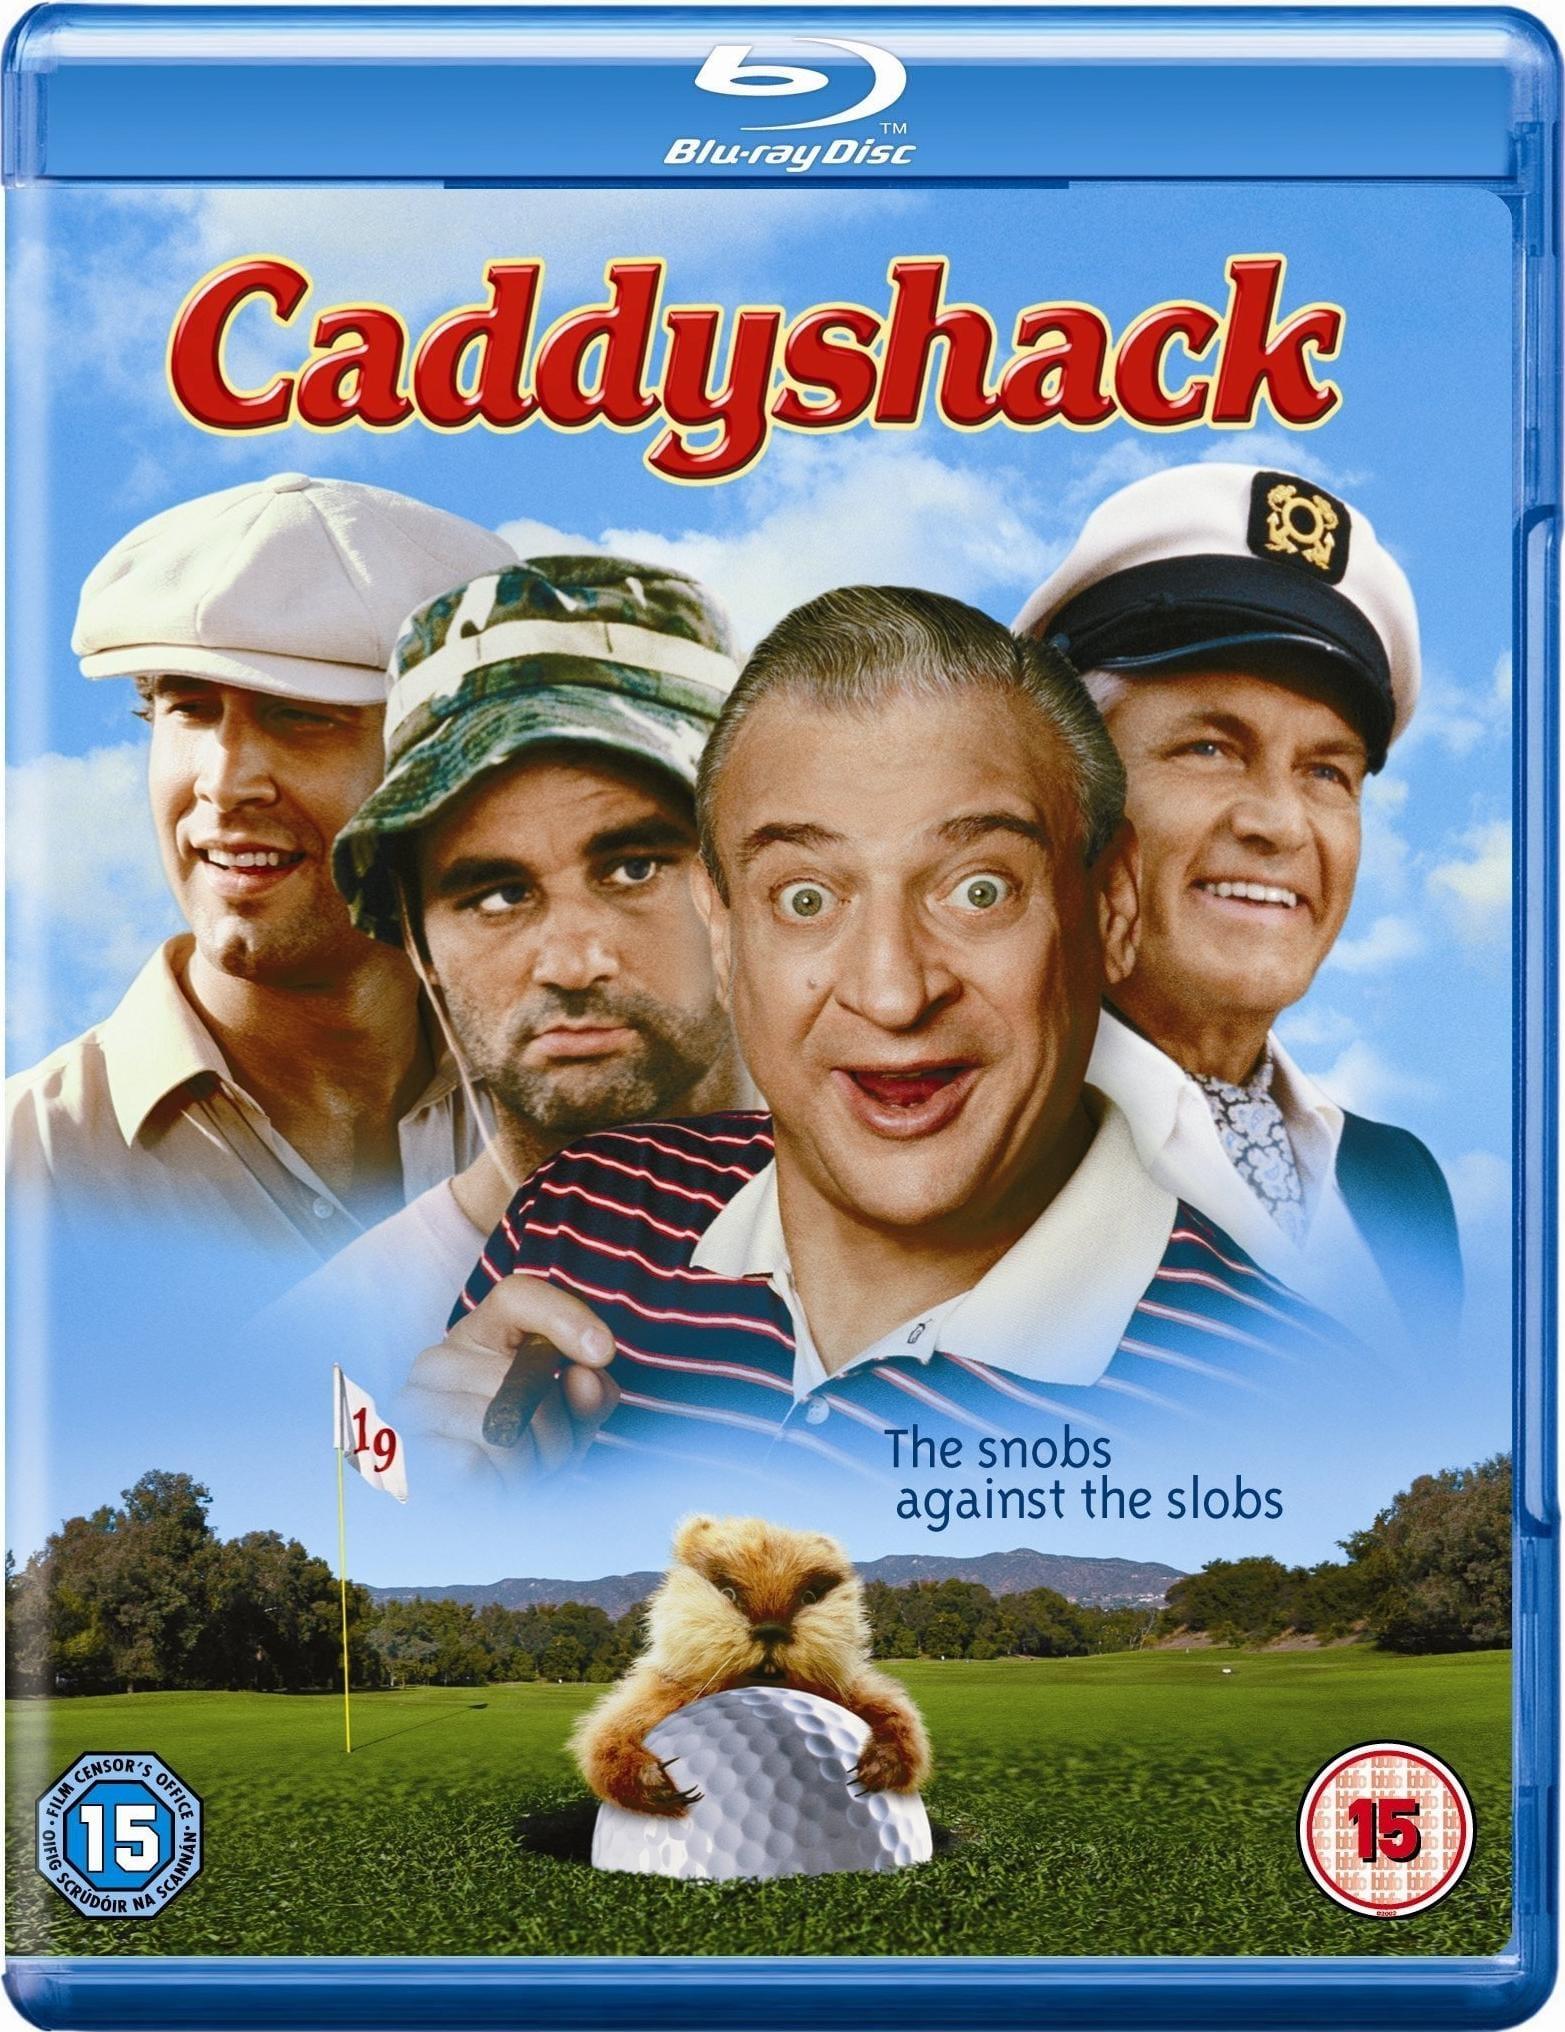 caddyshack full movie hd